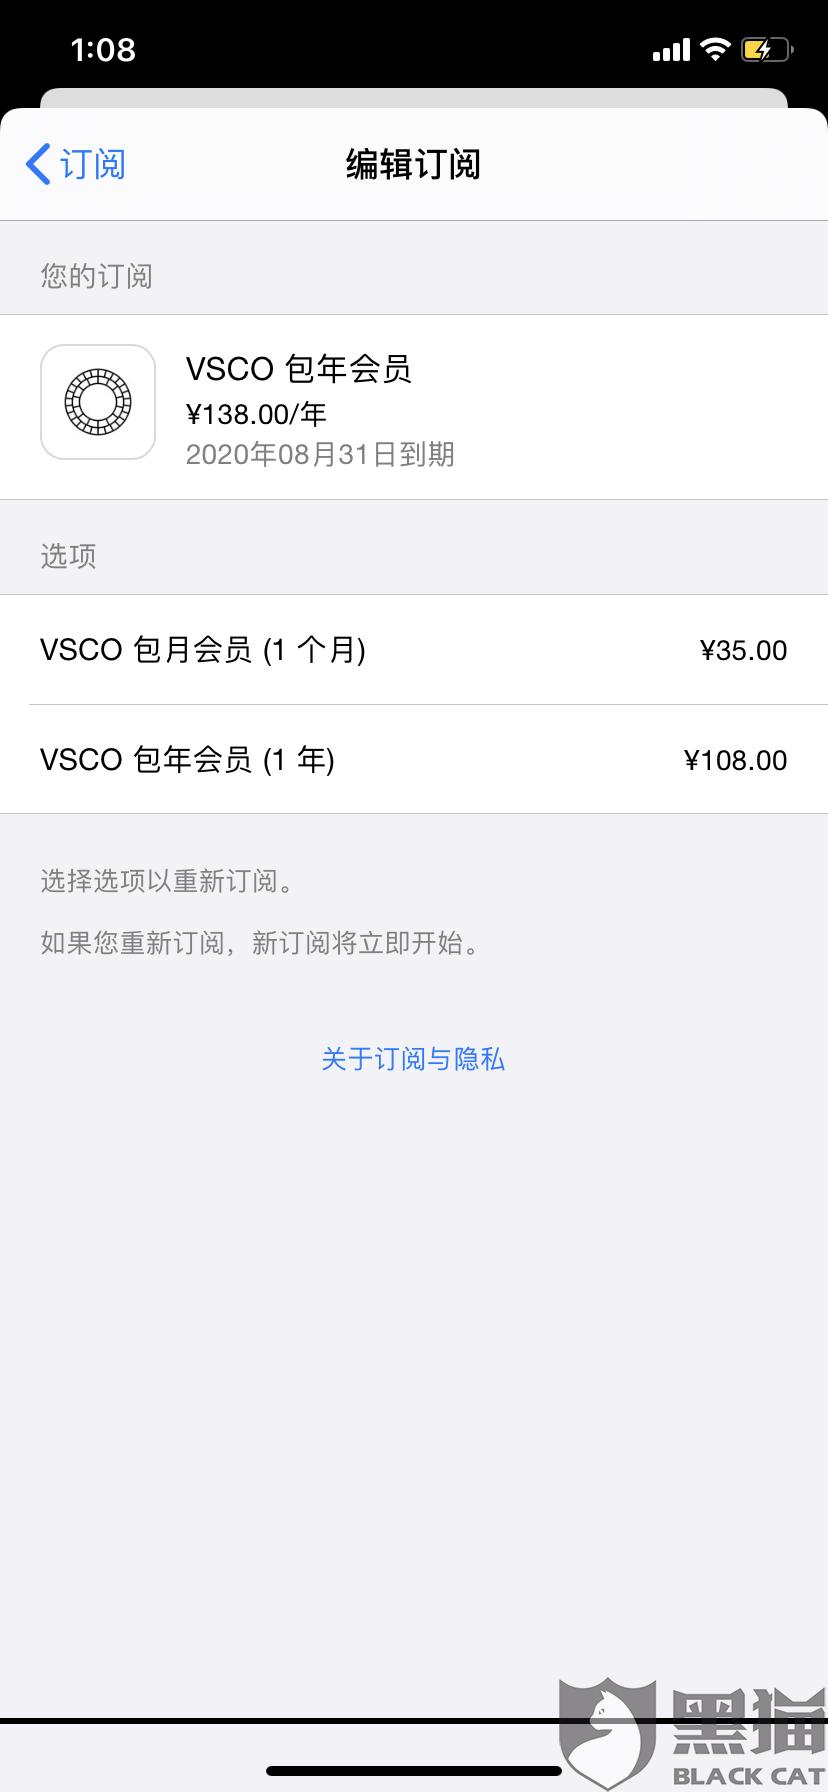 黑猫投诉:VSCO软件在毫不知情的情况下自动扣费一年会员138元